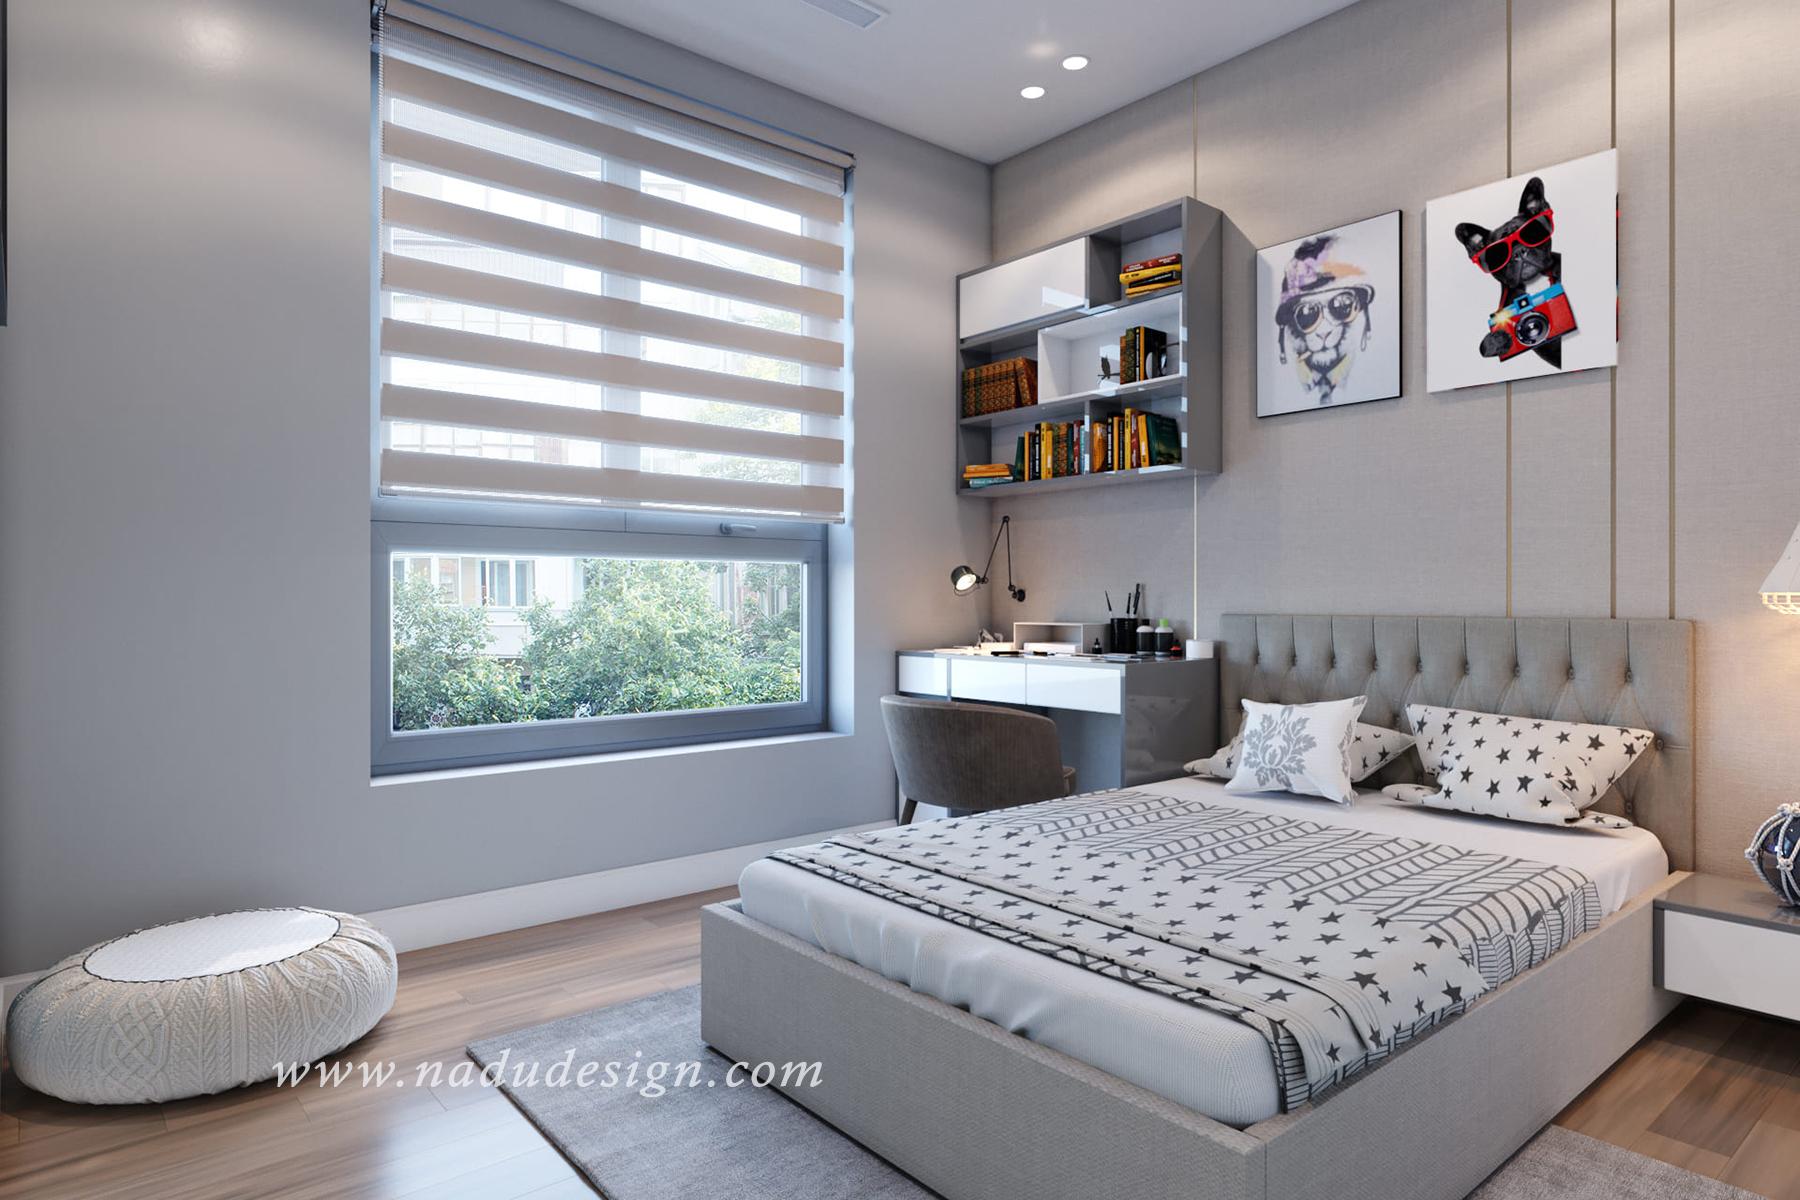 mẫu thiết kế nội thất phòng ngủ chung cư